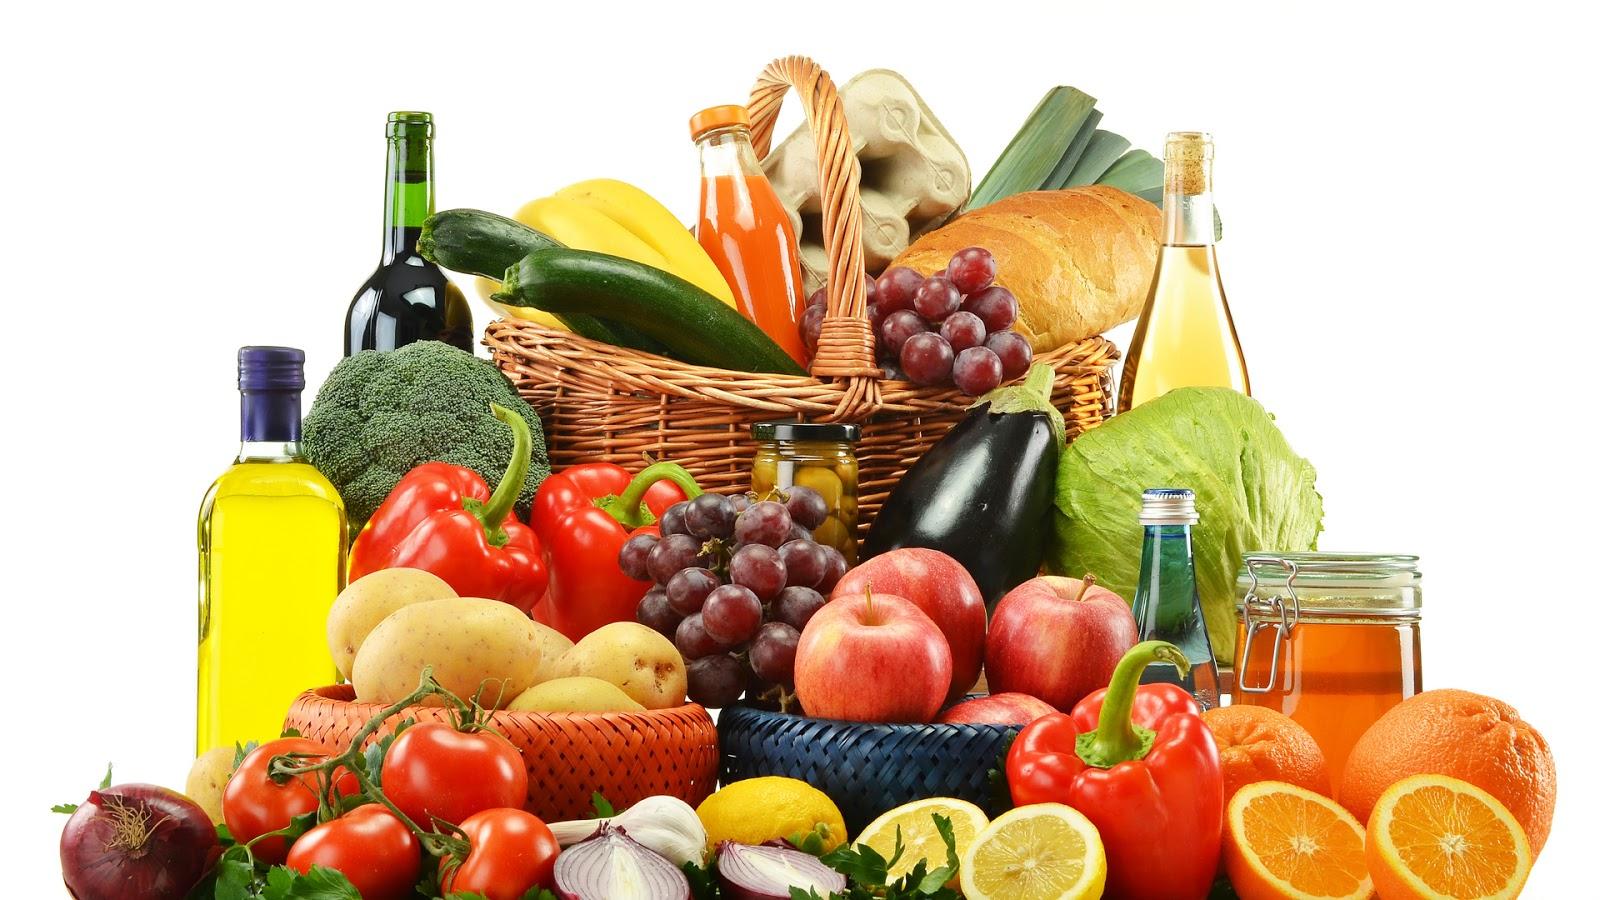 La feria de los discretos recetas de cocina de la dieta for Cocina mediterranea